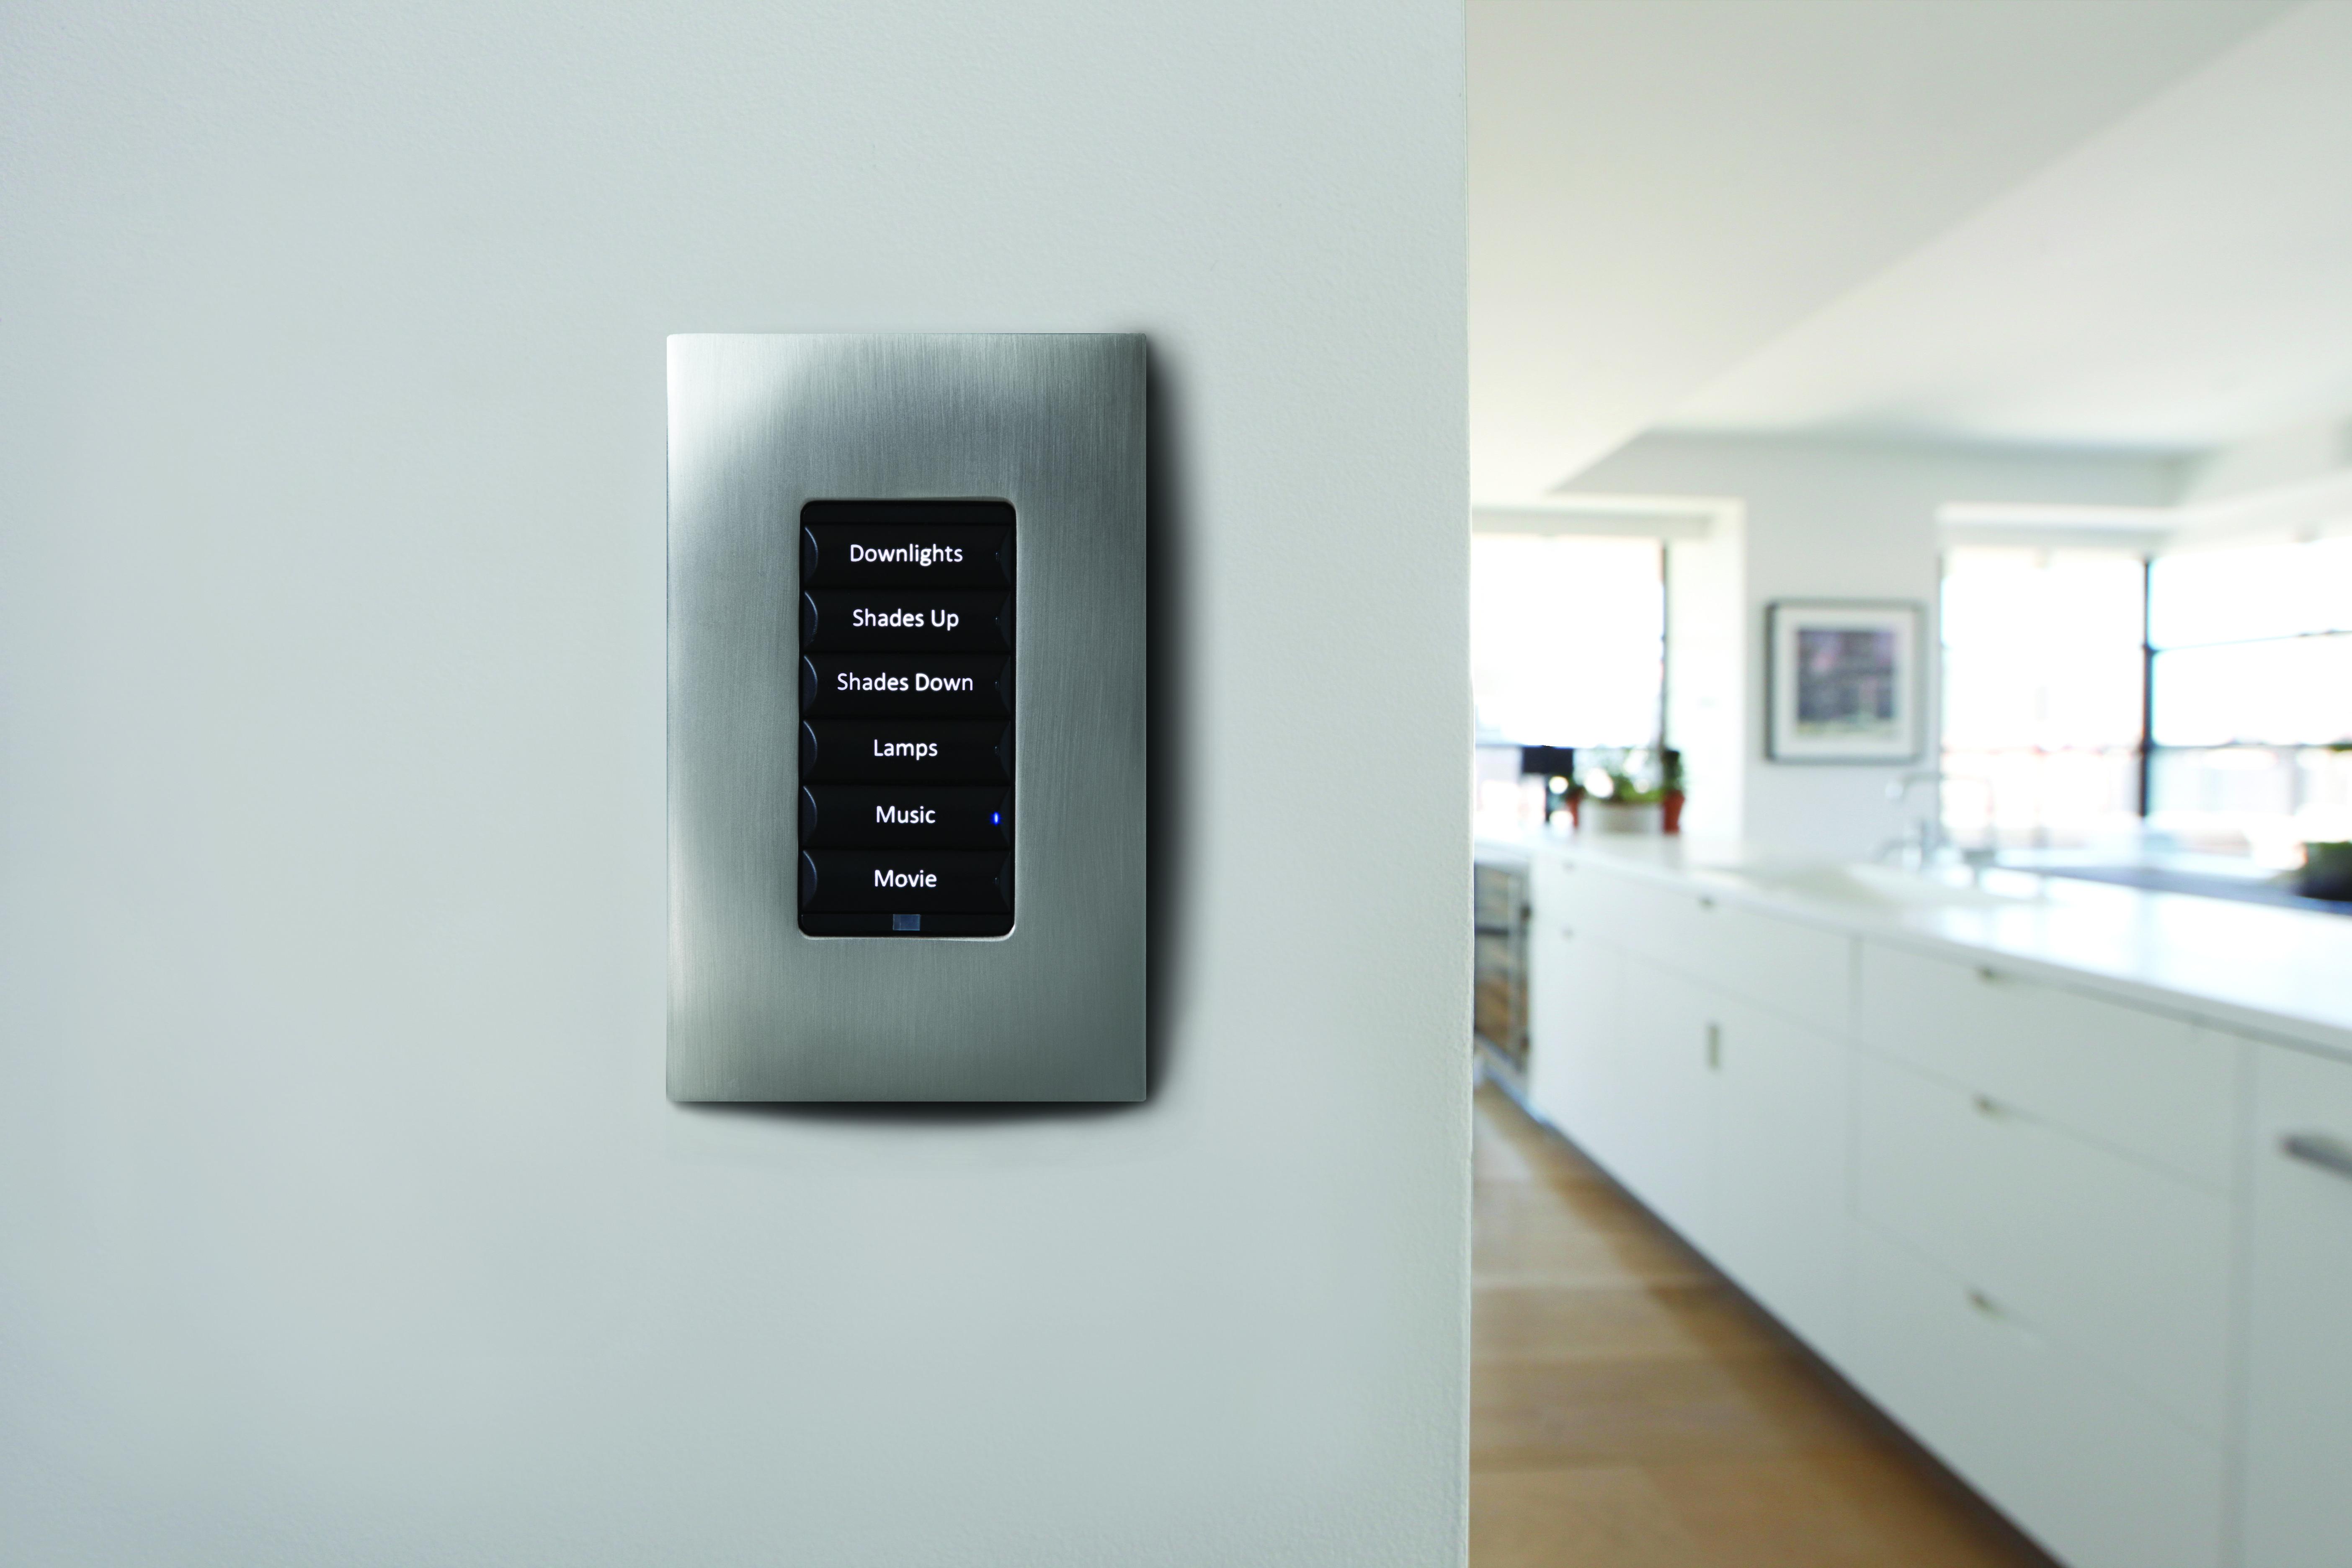 Image: Smart home